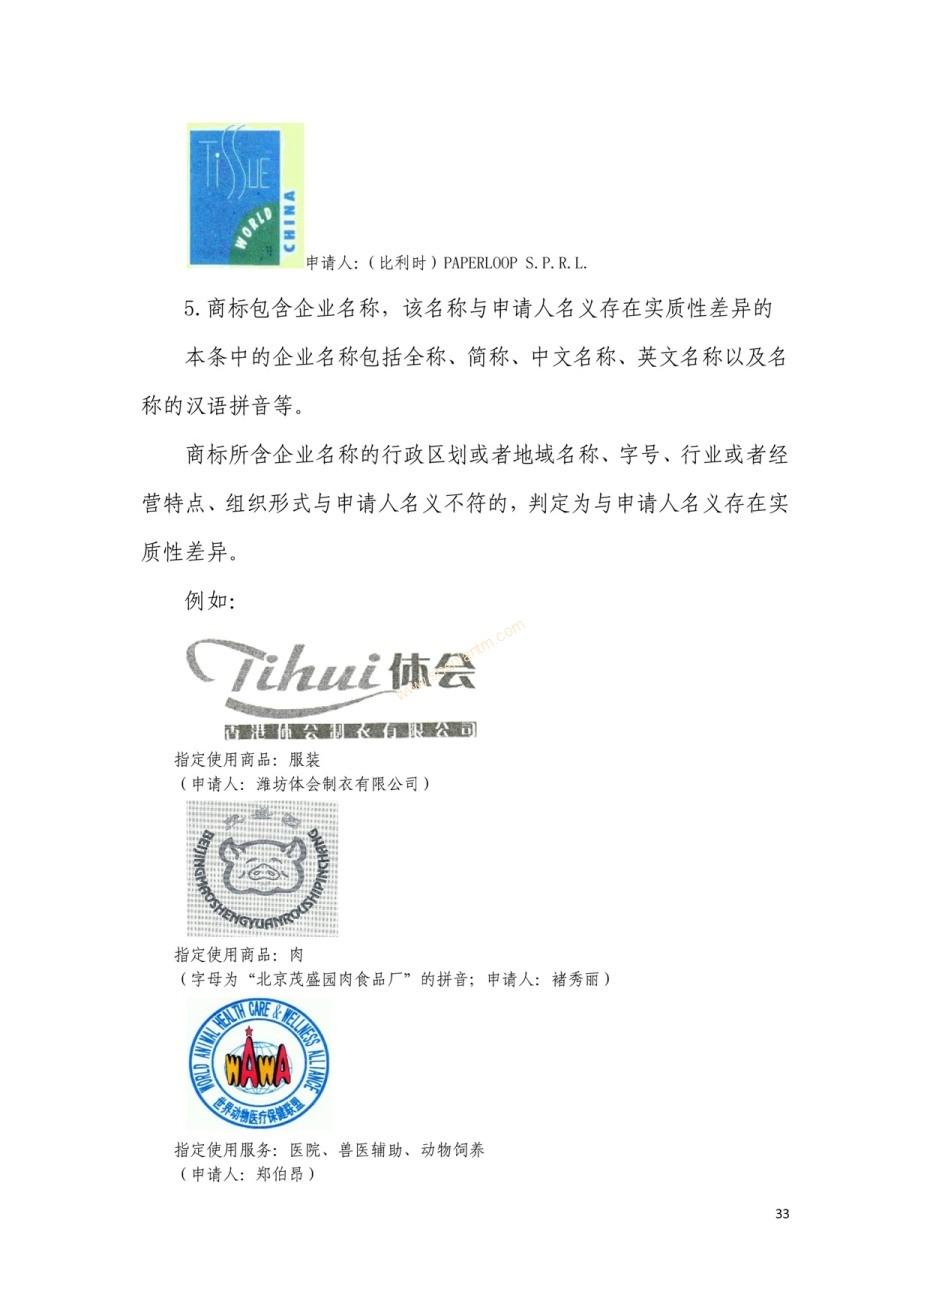 商标审查及审理标准2016版_页面_033